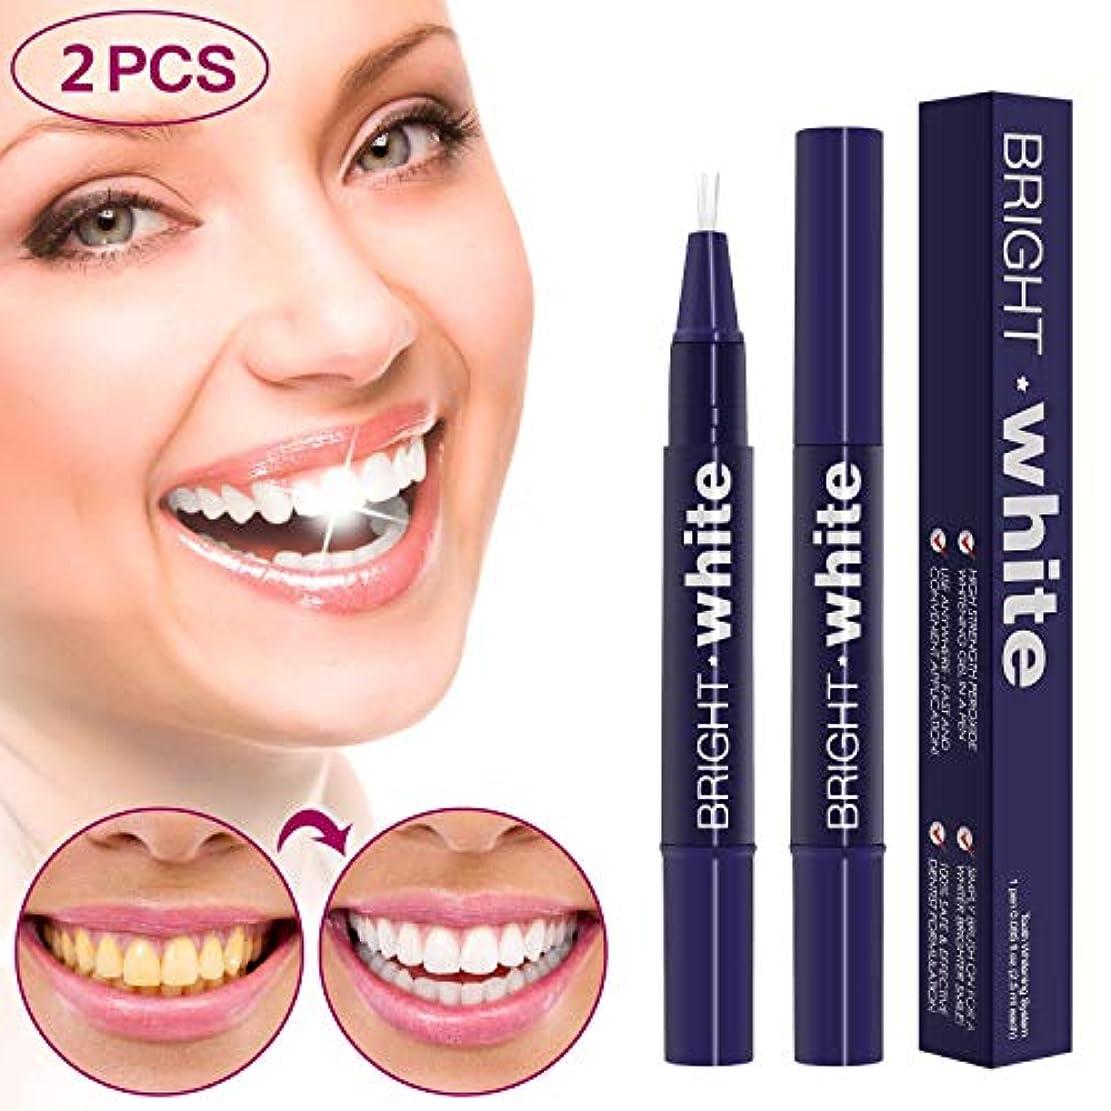 中間実験室オールOdette 2019 歯のホワイトニング 美白歯ゲル 歯 ホワイトニングペン ホワイトニングペン 歯ブラシ 輝く笑顔 口臭防止 歯周病防止 2本 (2pcs)